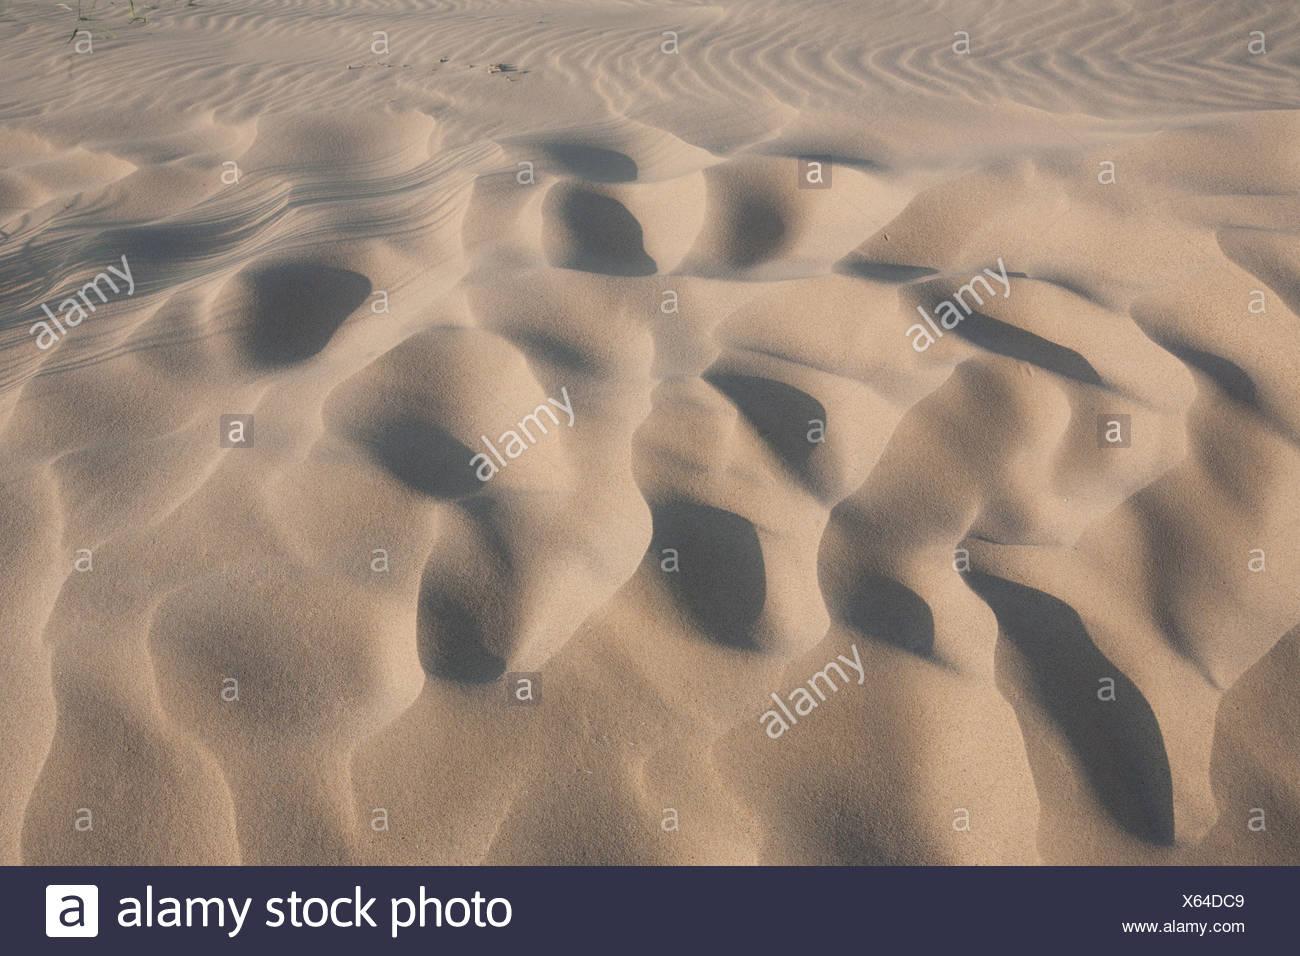 Sabbia; dune; motivo; increspature; dettaglio; CLOSE UP Immagini Stock